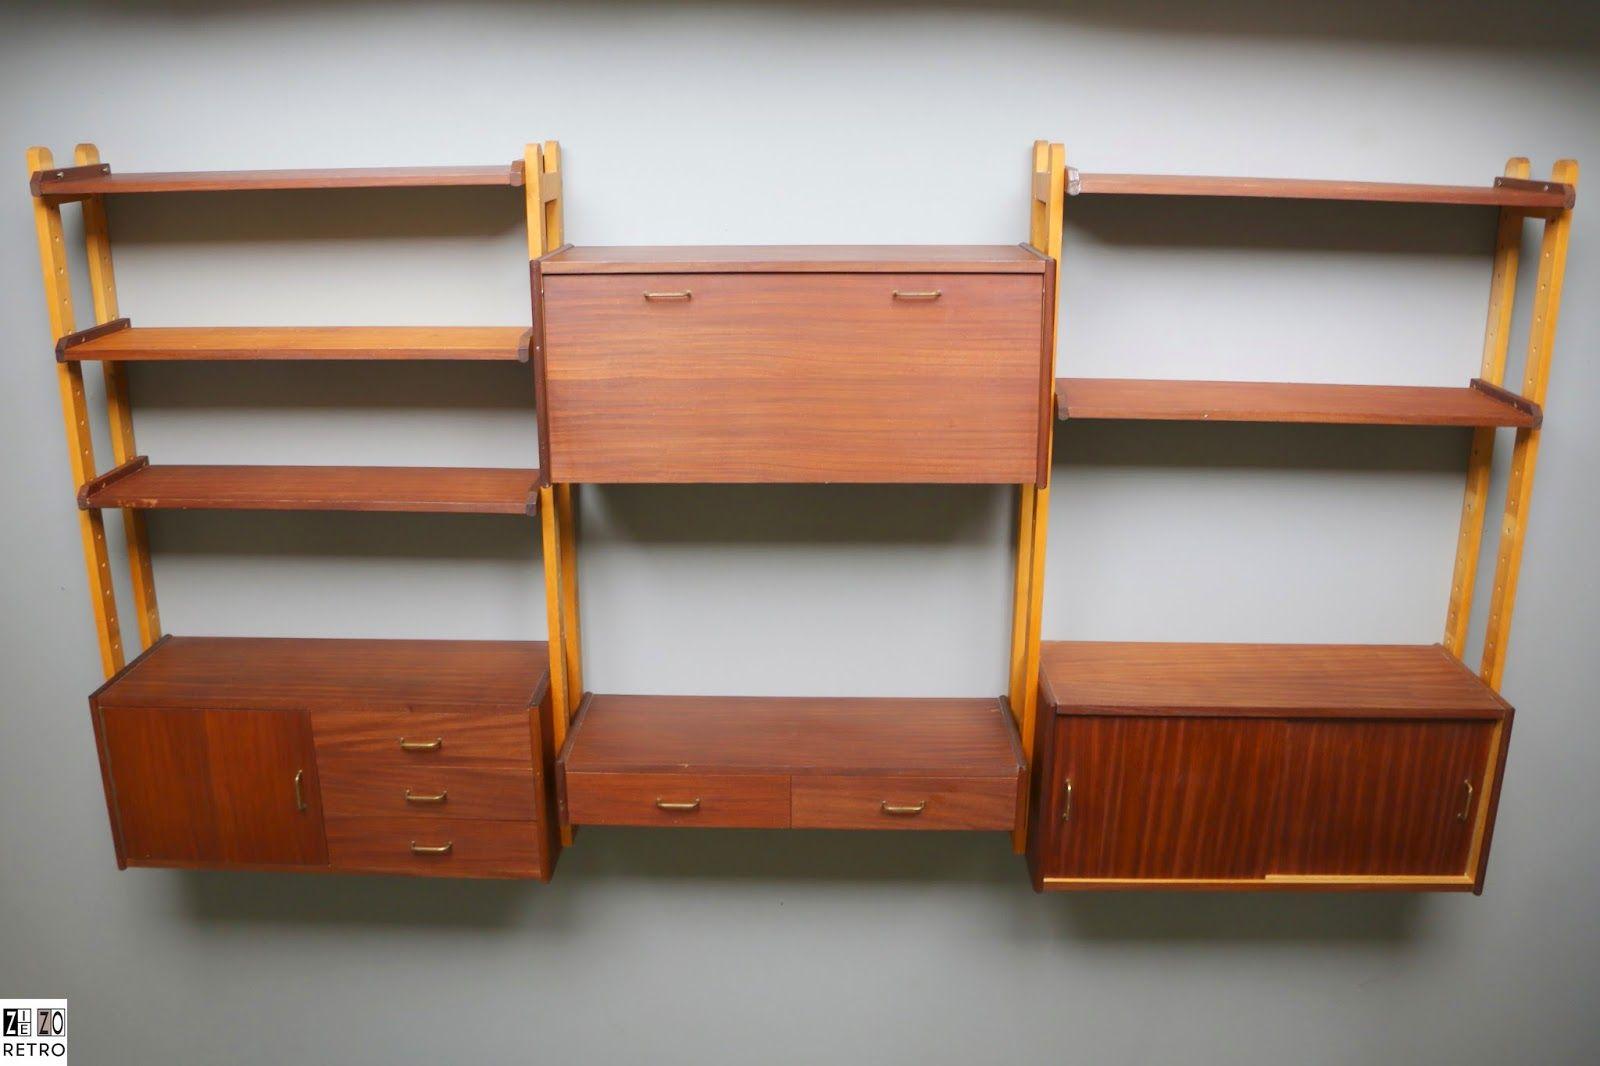 Retro Design Kastje : Ziezoretro retrospectief op design meubels van toen: vintage retro